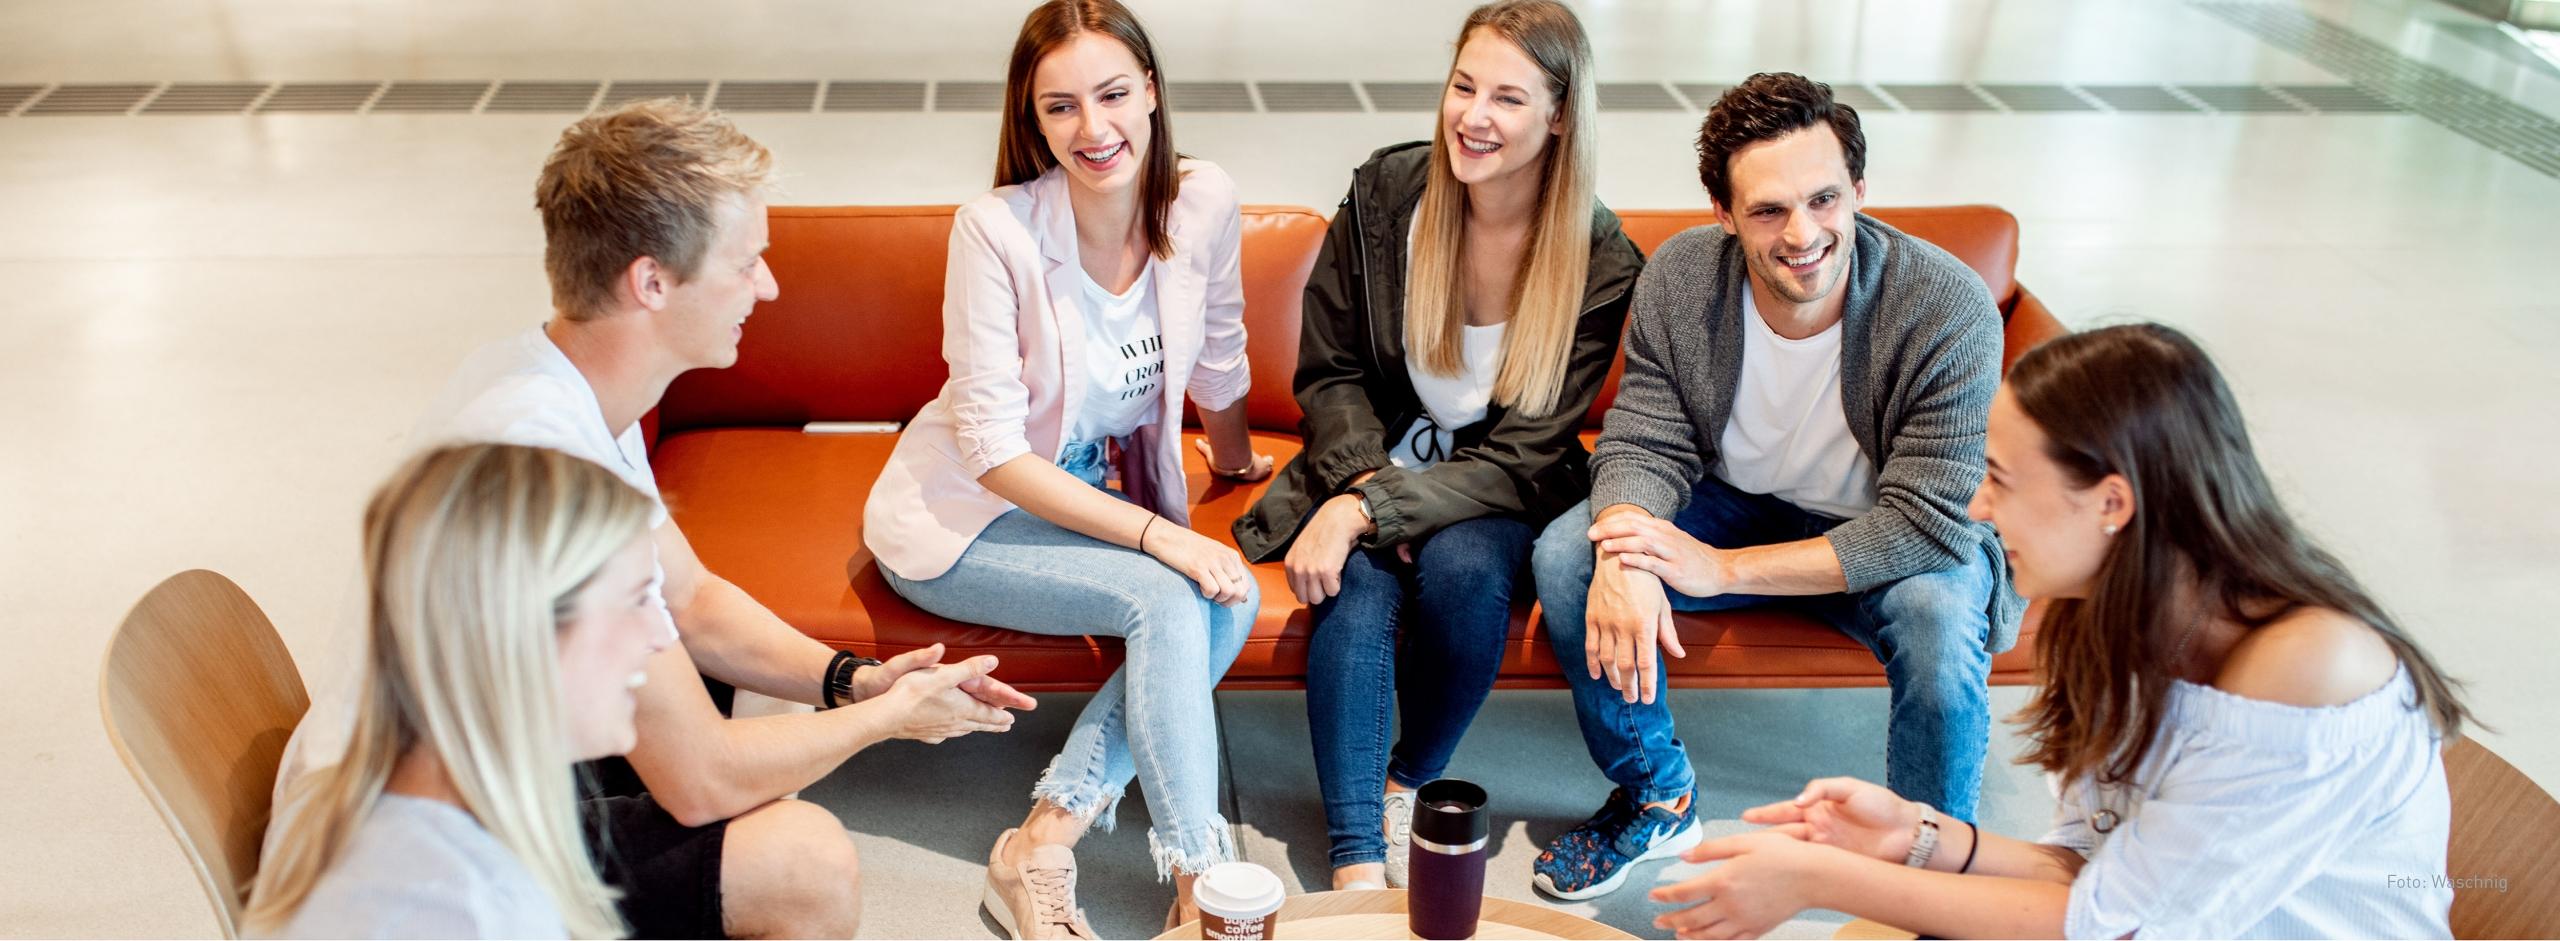 Sechs Studierende sitzen auf einem Sofa und Stühlen in der Aula und trinken Kaffee.